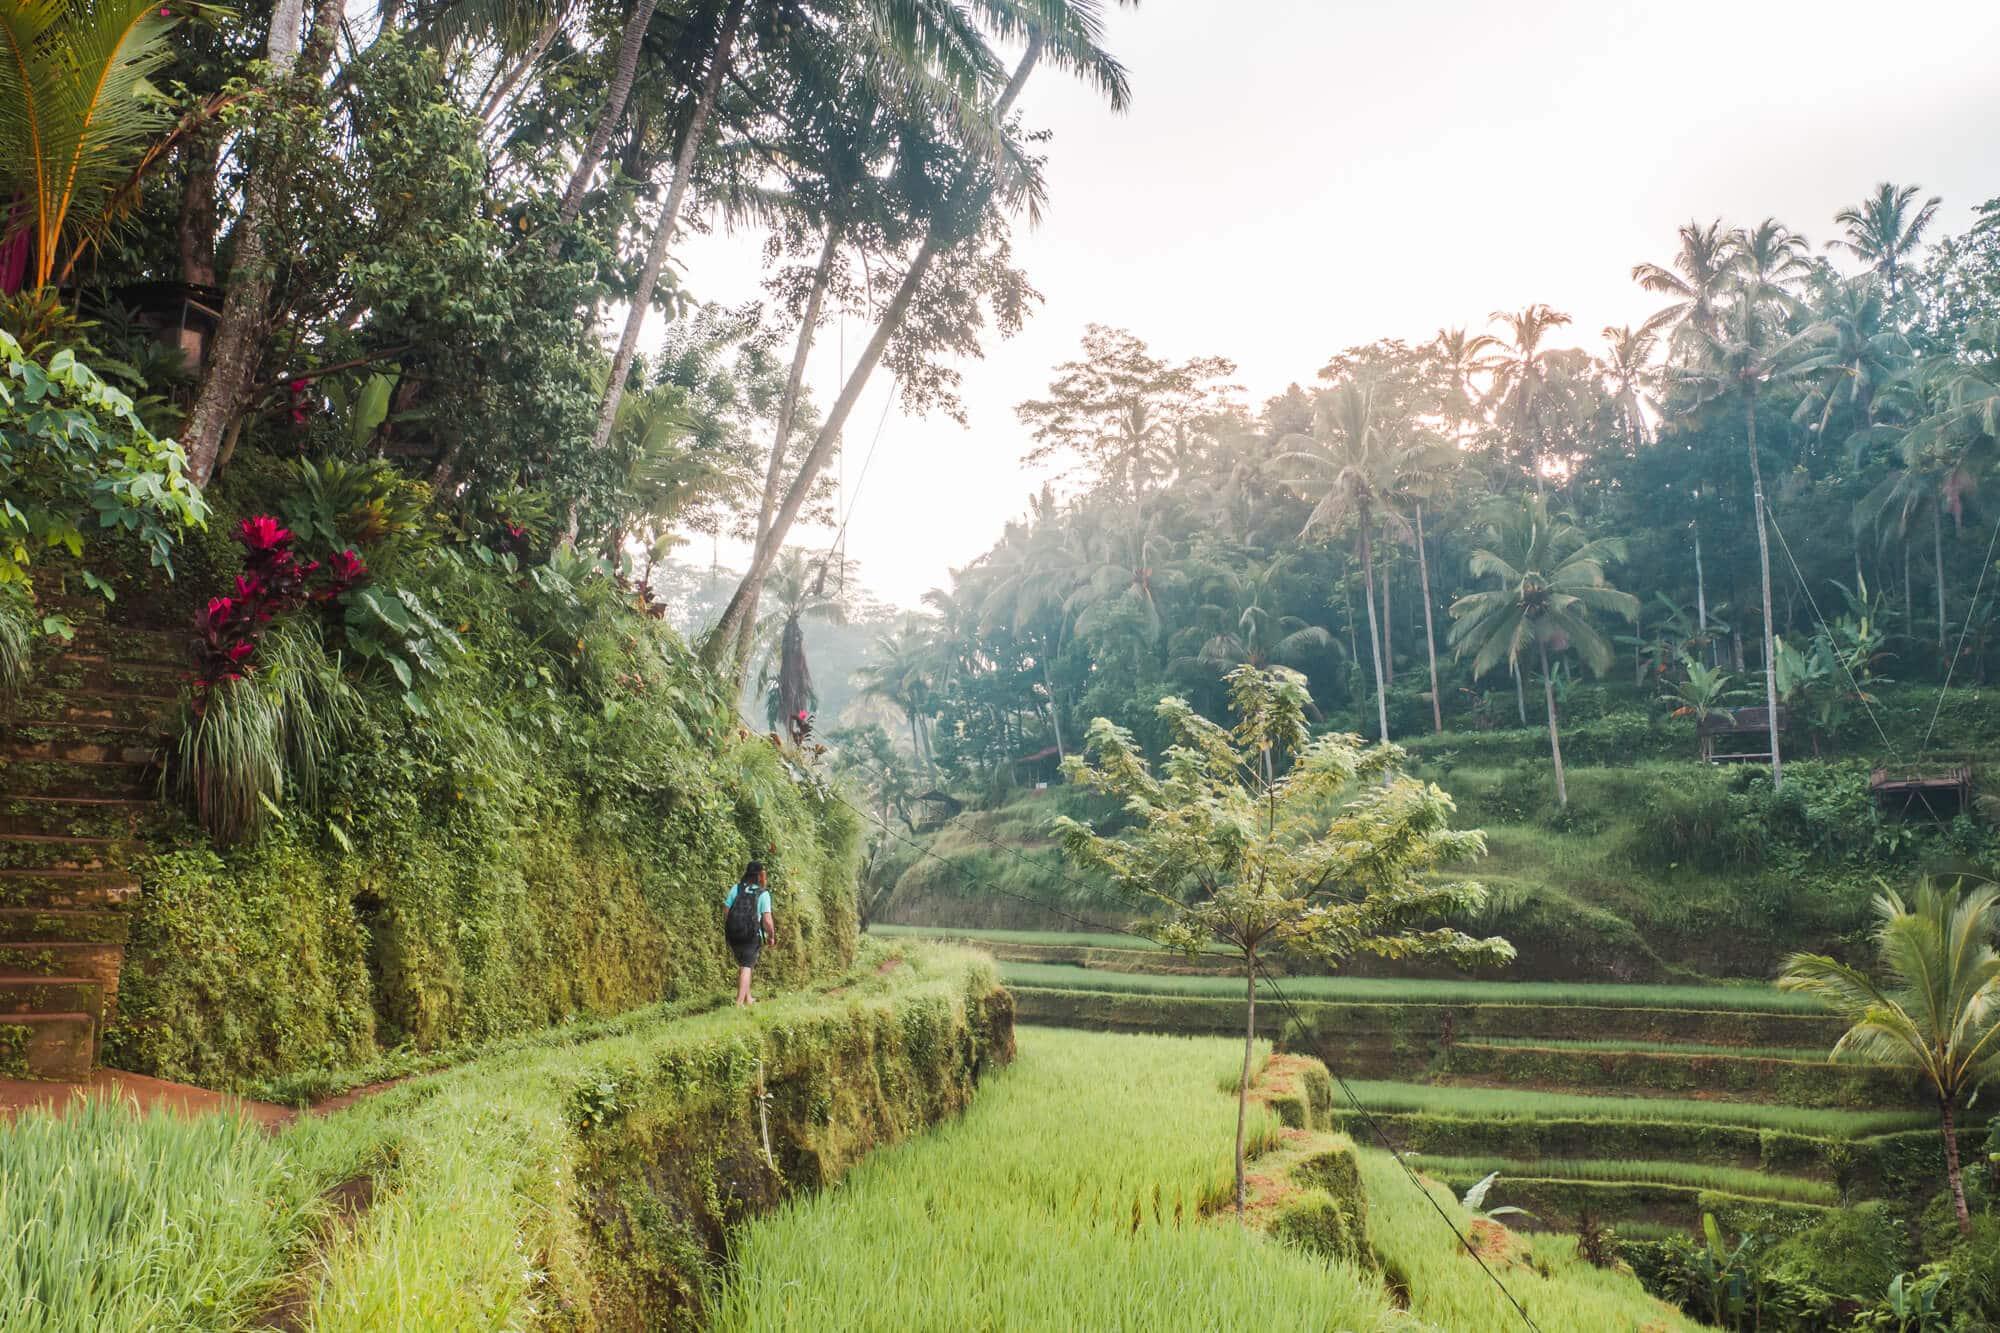 Tegalalang Rice Terrace Ubud swing and sunrise photo location